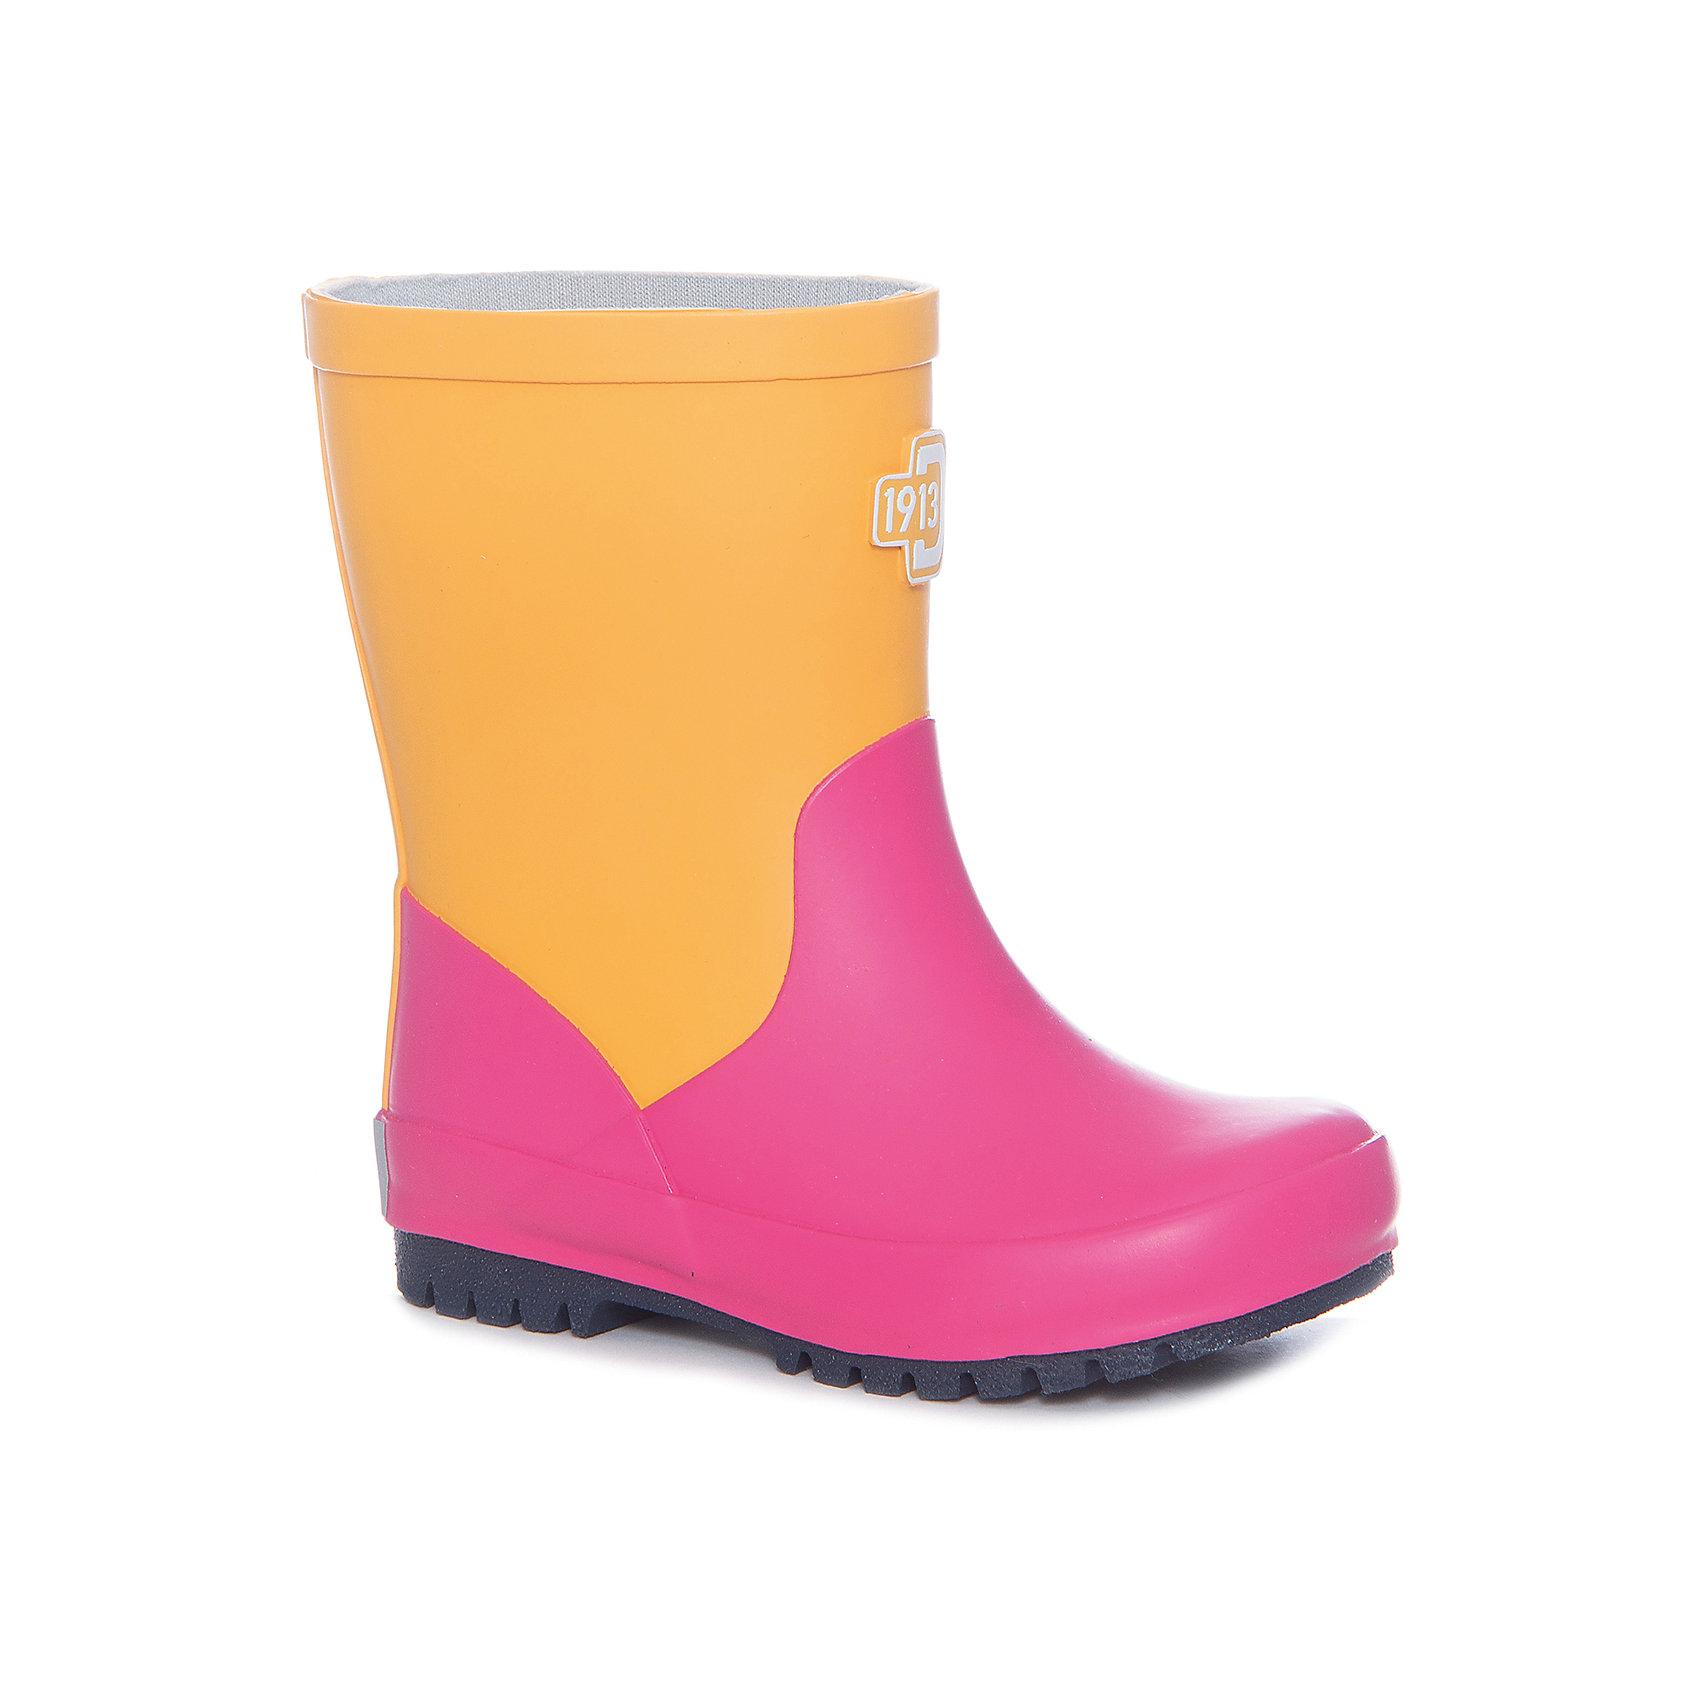 Резиновые сапоги MILAJ для девочки DIDRIKSONSРезиновые сапоги<br>Яркие резиновые сапоги  из натурального каучука - практичная и удобная обувь для дождливой погоды. Мягкая текстильная подкладка из полиэстера обеспечит тепло и комфорт при носке. Ортопедическая стелька вынимается. Рельефная подошва предотвратит скольжение. <br>Состав:<br>Верх - 100% каучук, подкладка - 100% полиэстер<br><br>Ширина мм: 237<br>Глубина мм: 180<br>Высота мм: 152<br>Вес г: 438<br>Цвет: желтый<br>Возраст от месяцев: 108<br>Возраст до месяцев: 120<br>Пол: Женский<br>Возраст: Детский<br>Размер: 33,23,30,31,29,28,27,26,25,24,35,34,32<br>SKU: 5527298